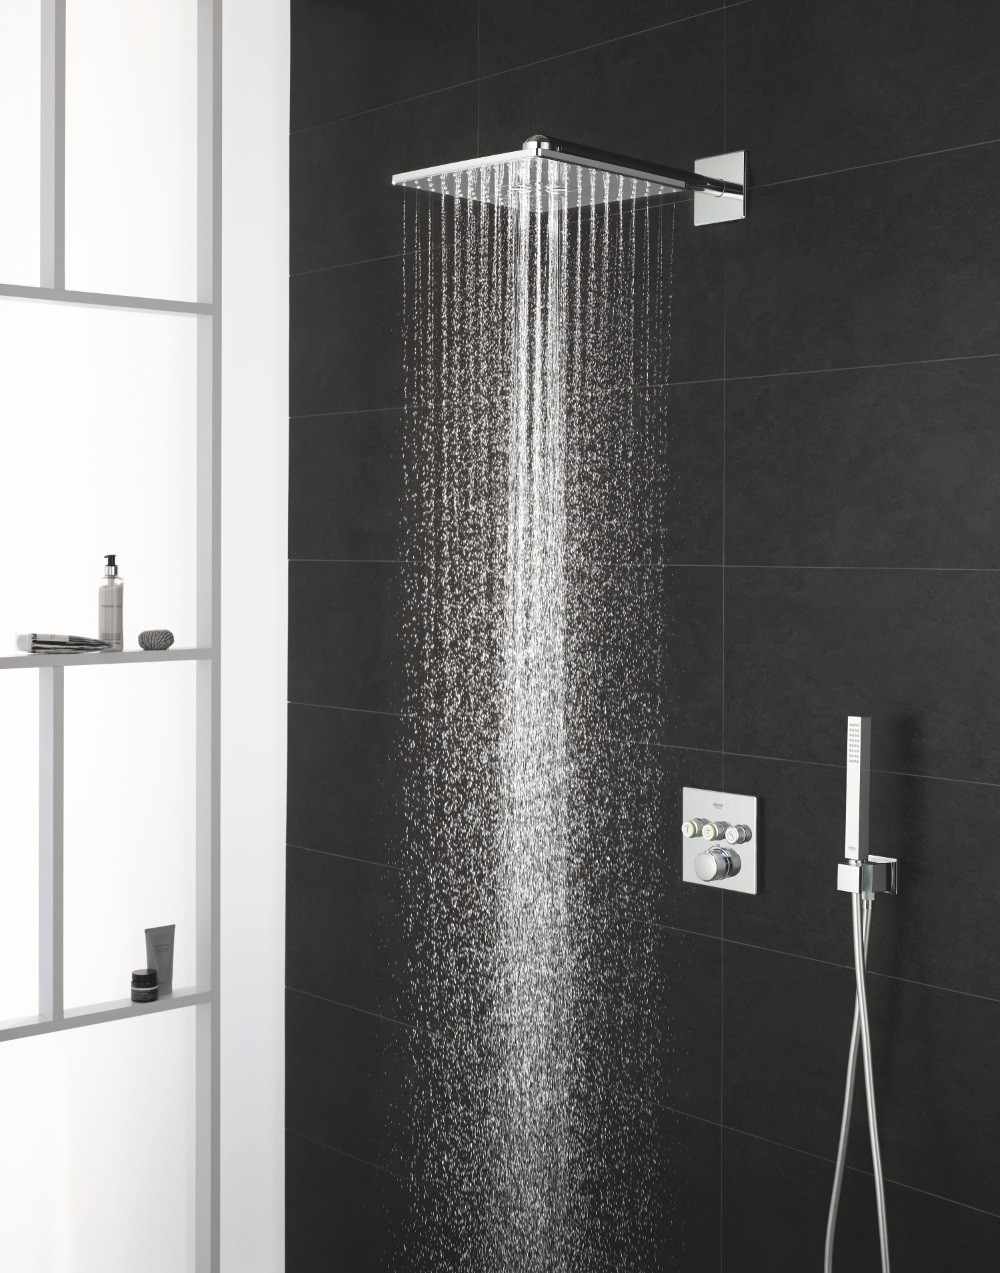 Heerlijk douchen met het nieuwe douchesysteem van Grohe. Inbouw bedieningssysteem SmartControl met RapidoSmartbox #badkamer #inloopdouche #douchesysteem #grohe